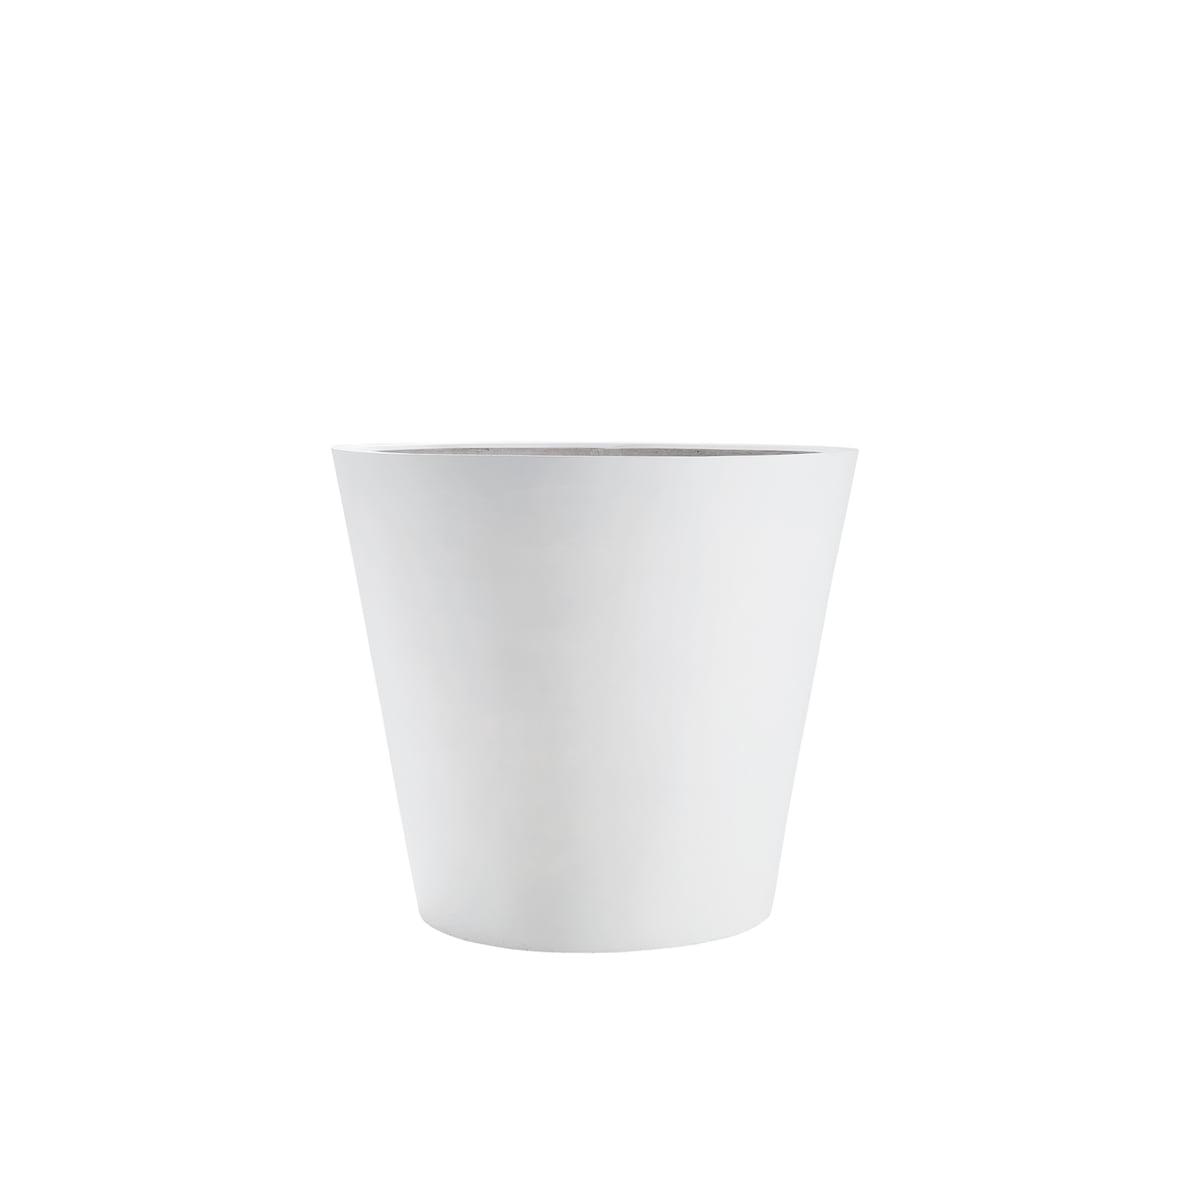 Amei - Der Runde Pflanzkübel, XXS, weiß | Dekoration > Dekopflanzen > Pflanzenkübel | Amei